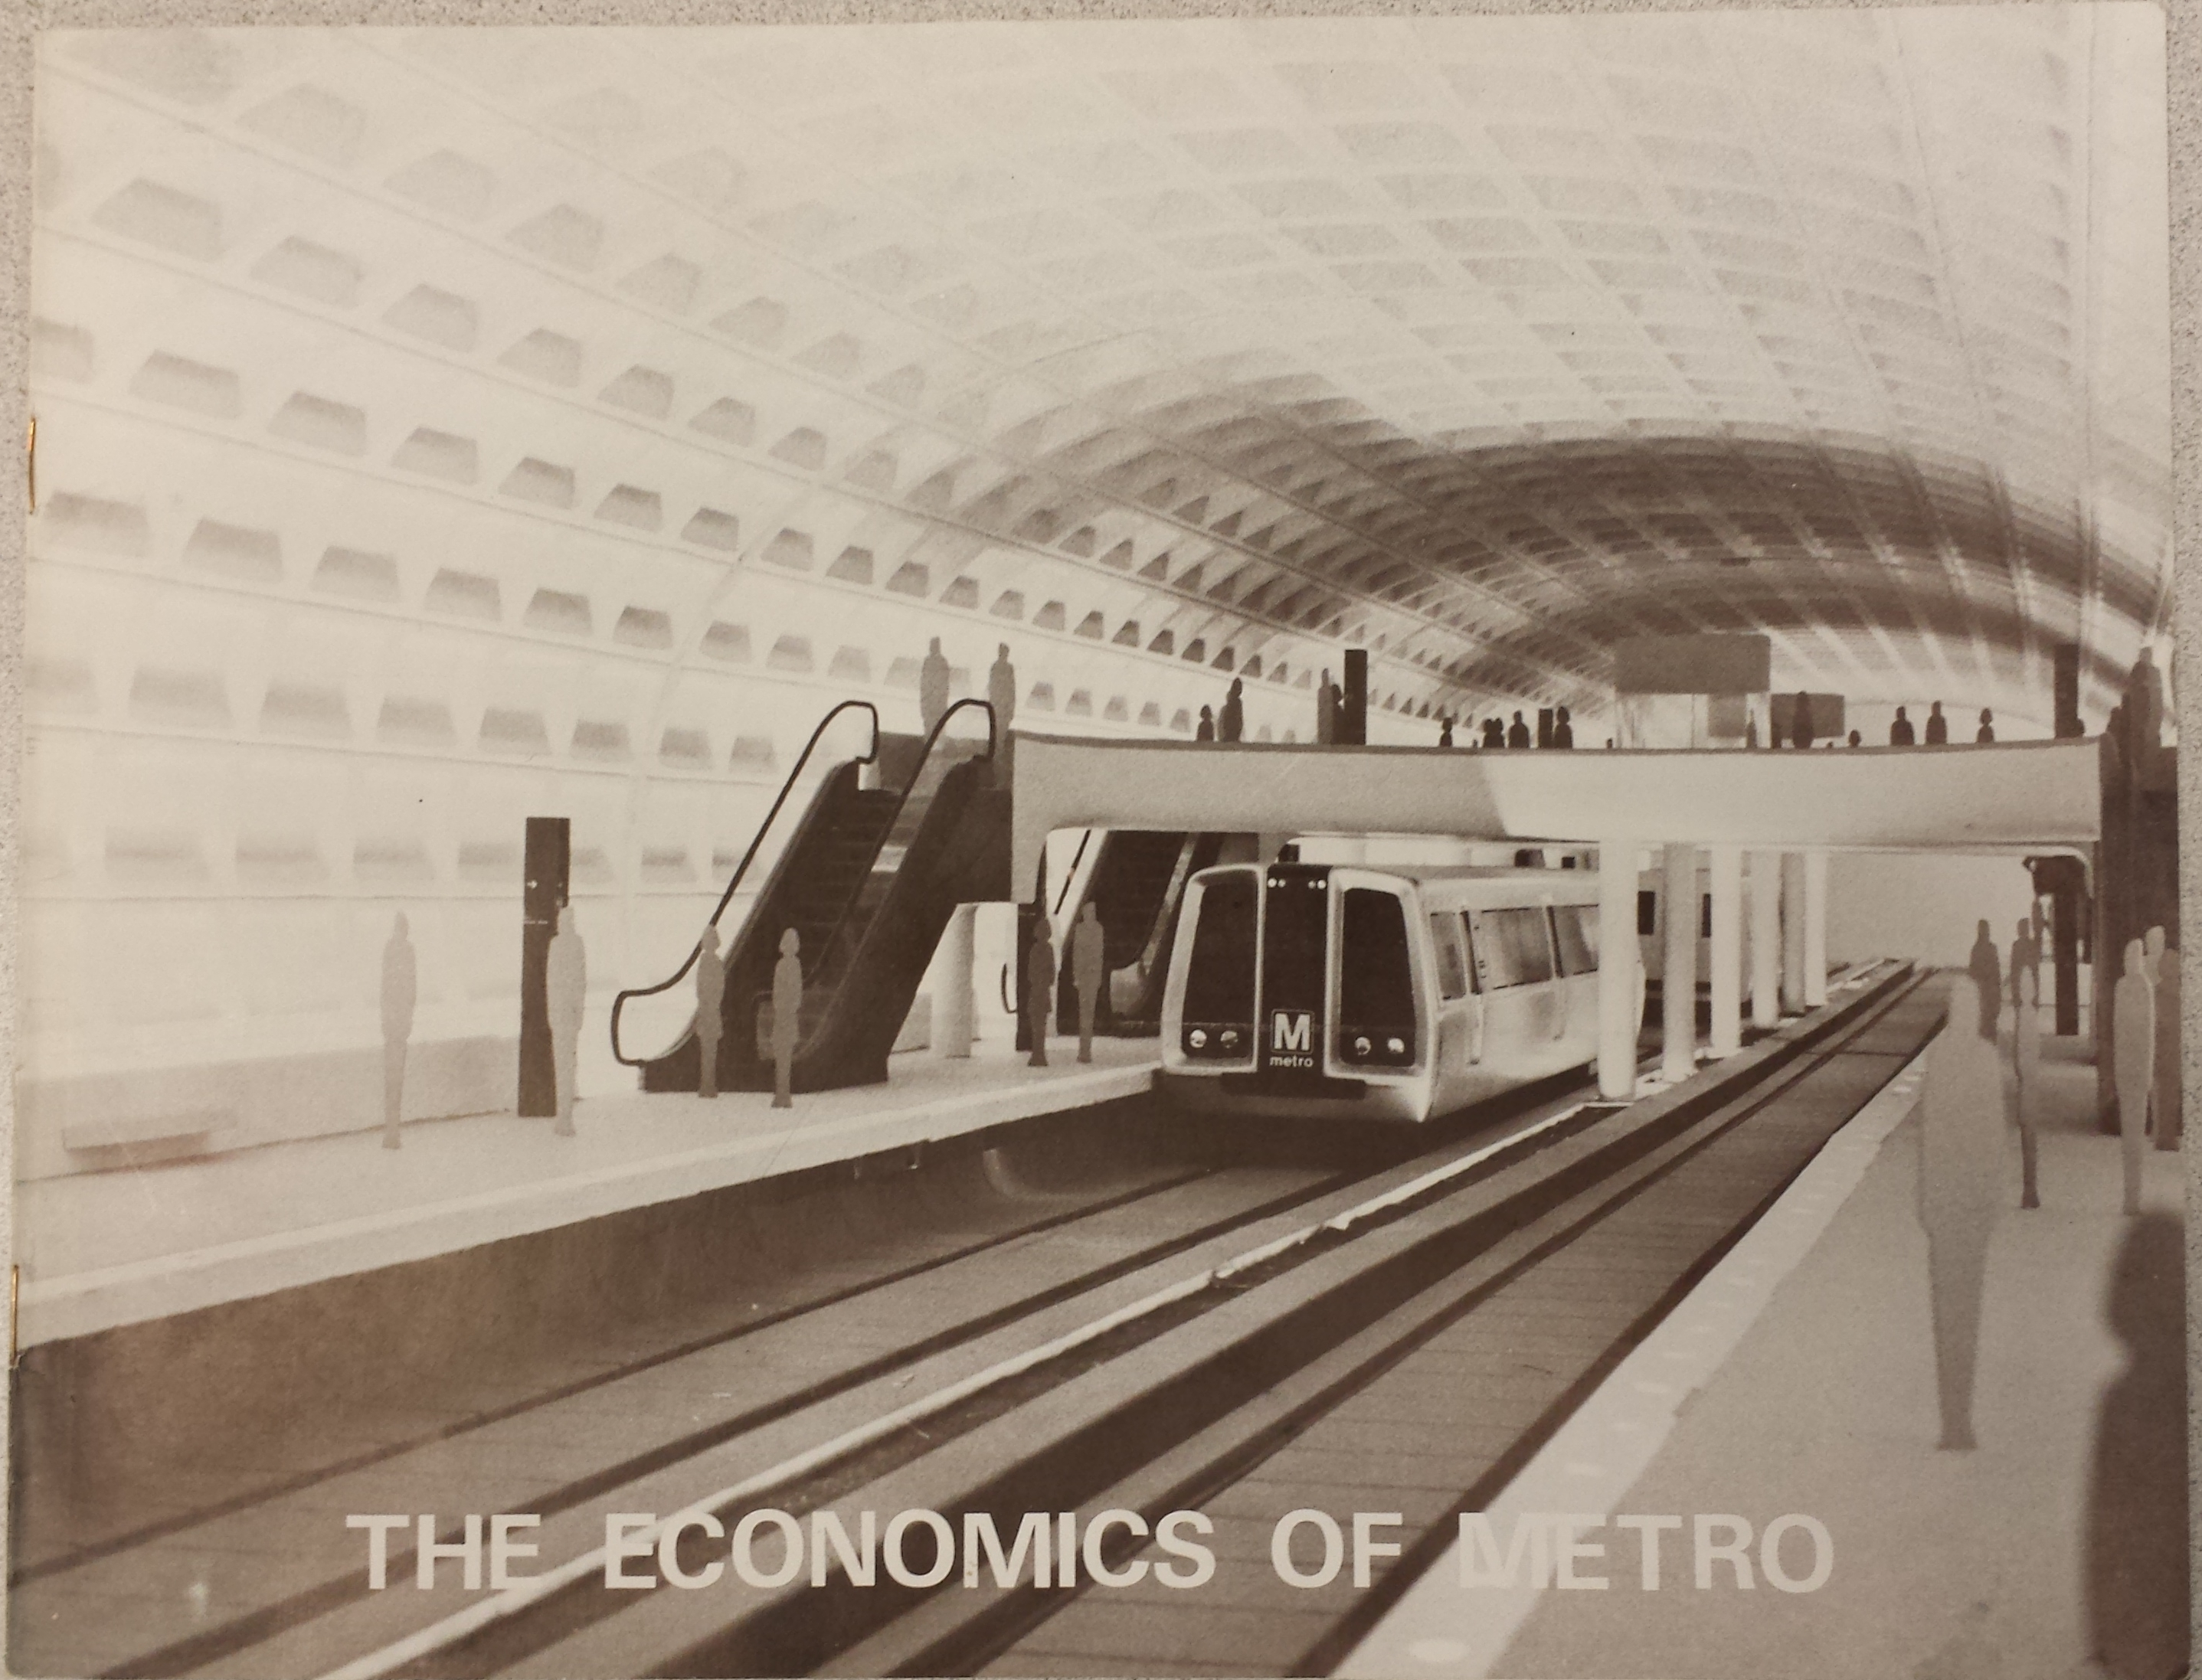 Economics_of_metro_cover